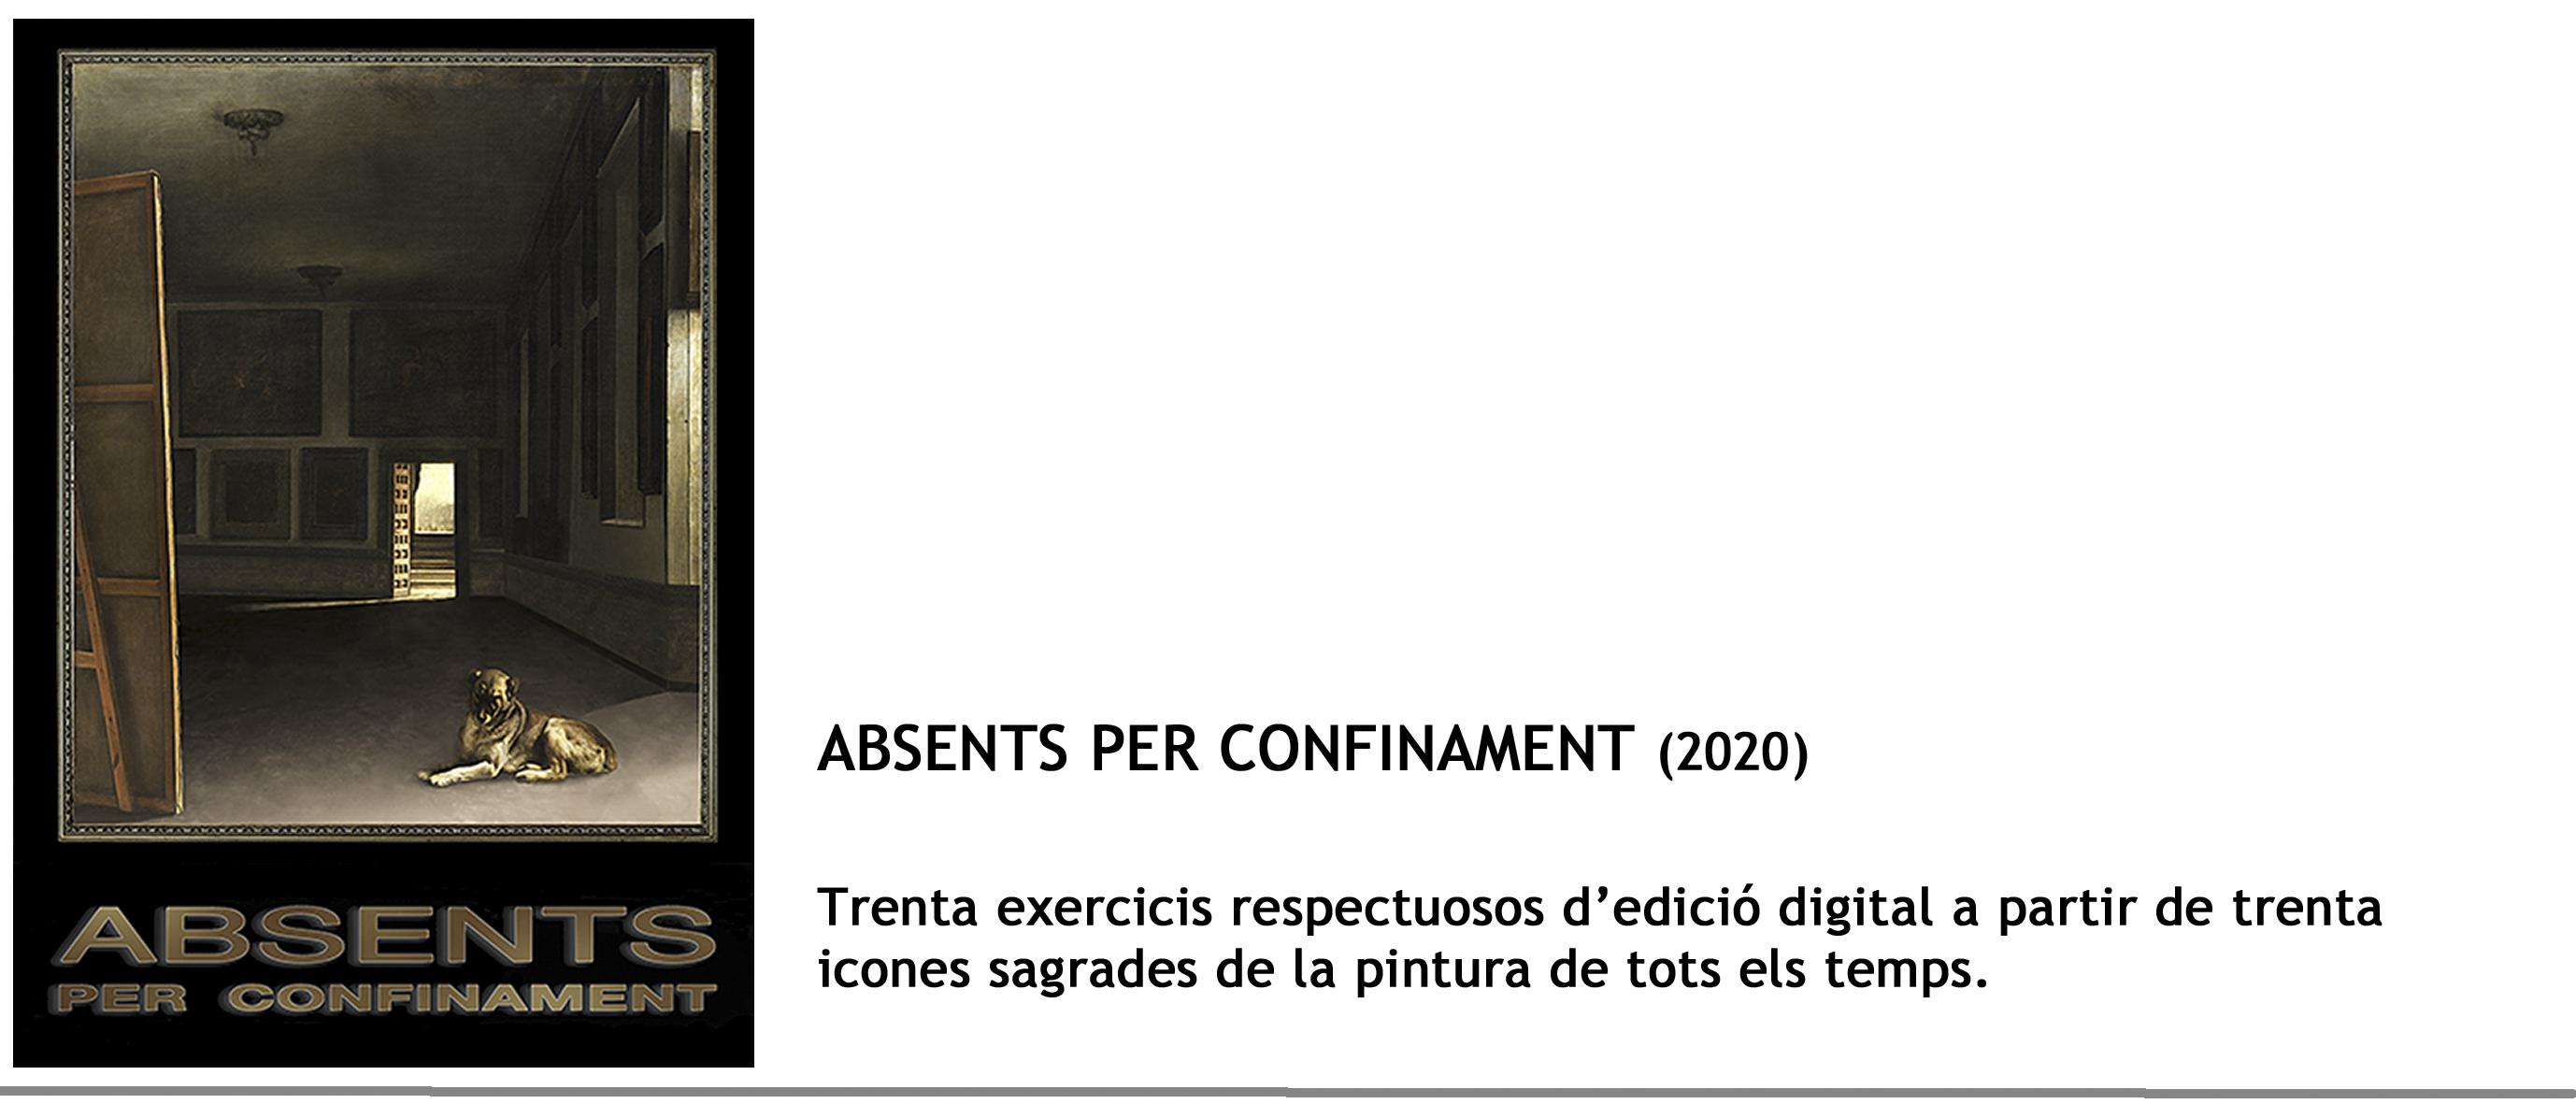 Absents per confinament